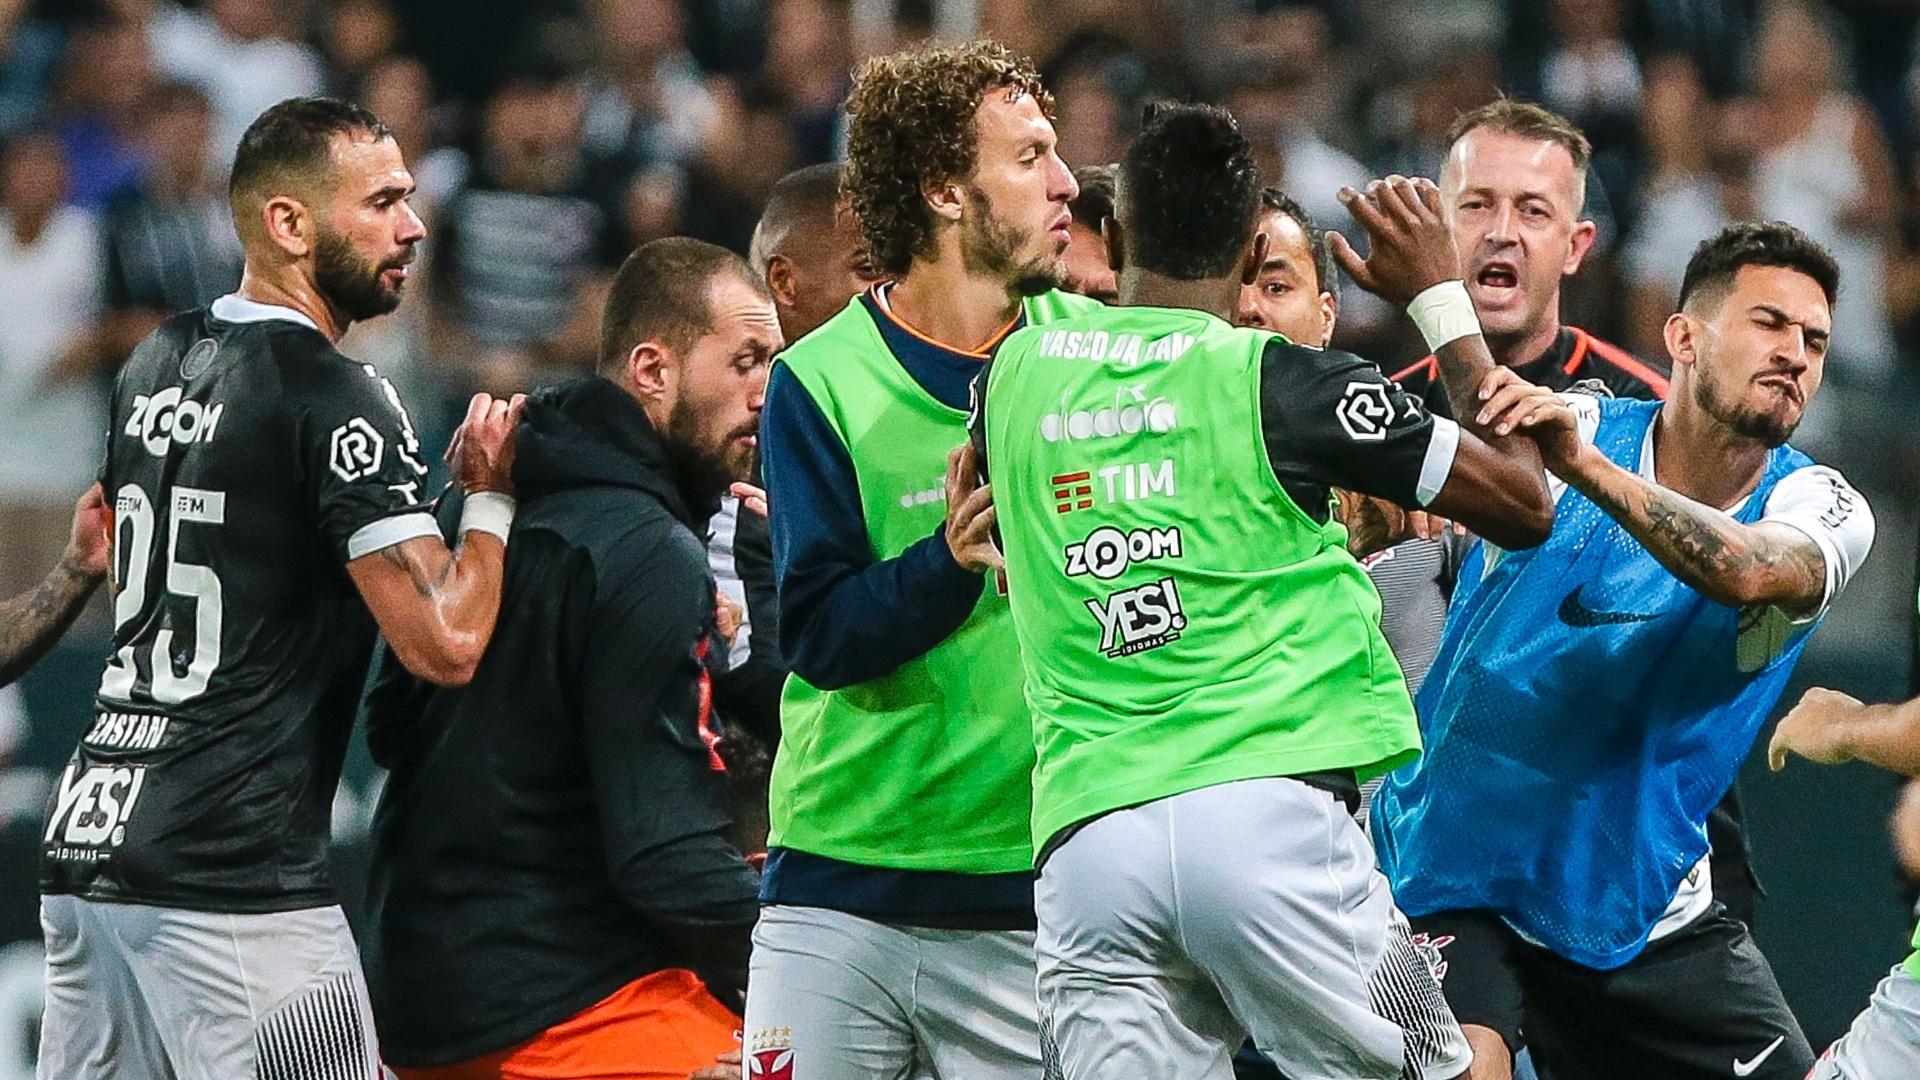 Confusão marca final de jogo entre Corinthians e Vasco na Arena